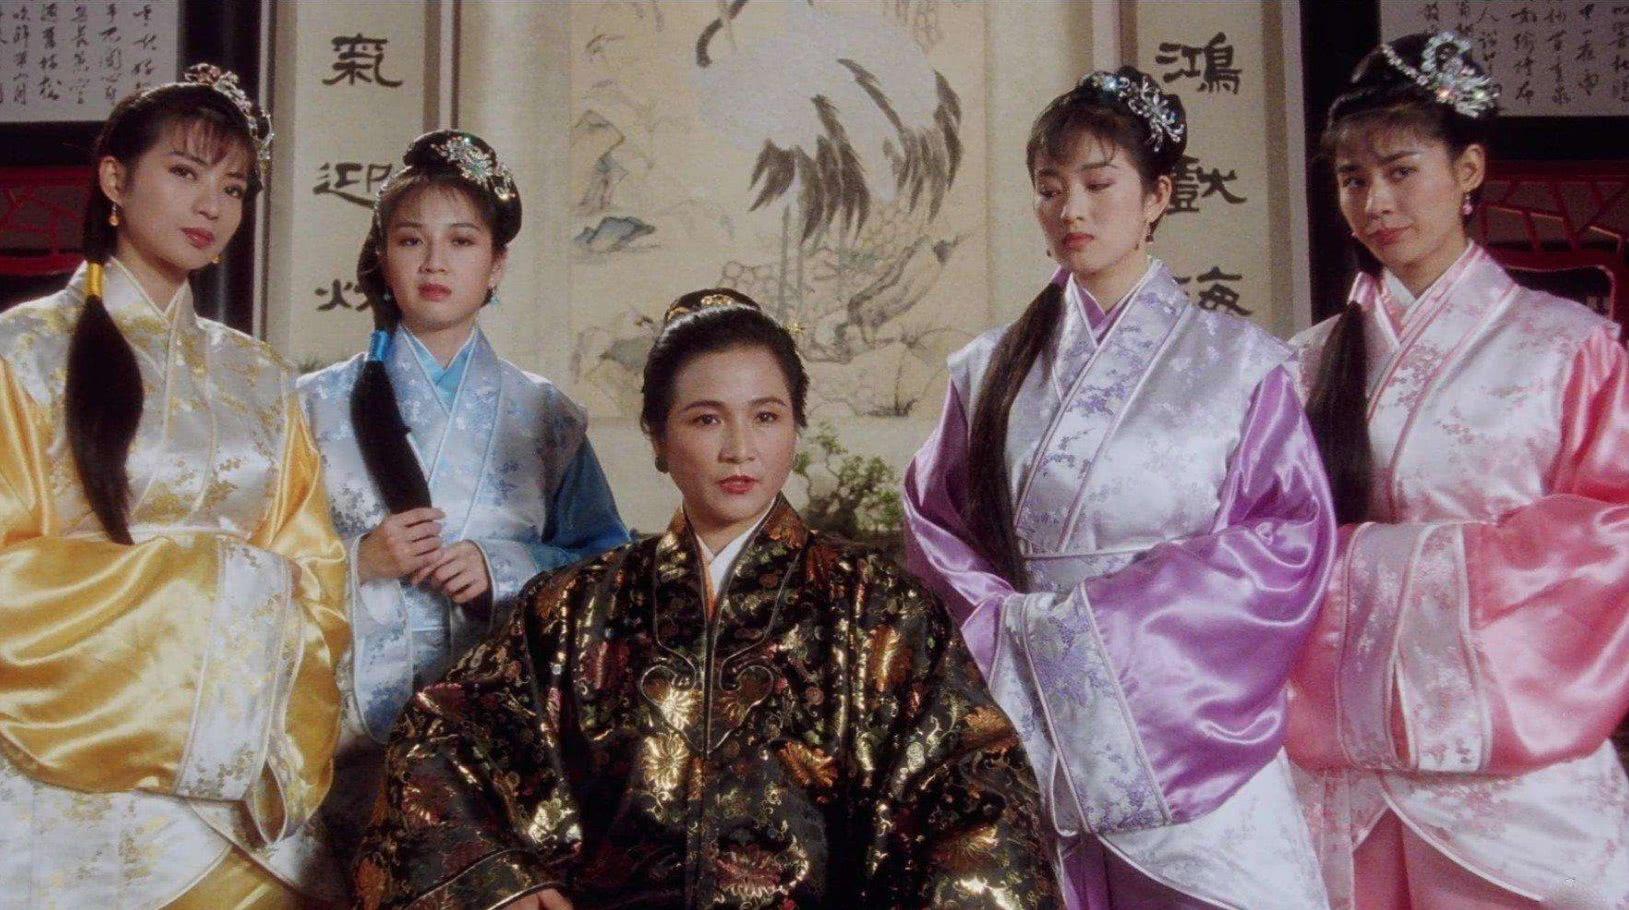 郑佩佩女儿结婚,被吐槽长相像日本女孩!朱茵、张晋皆躺枪